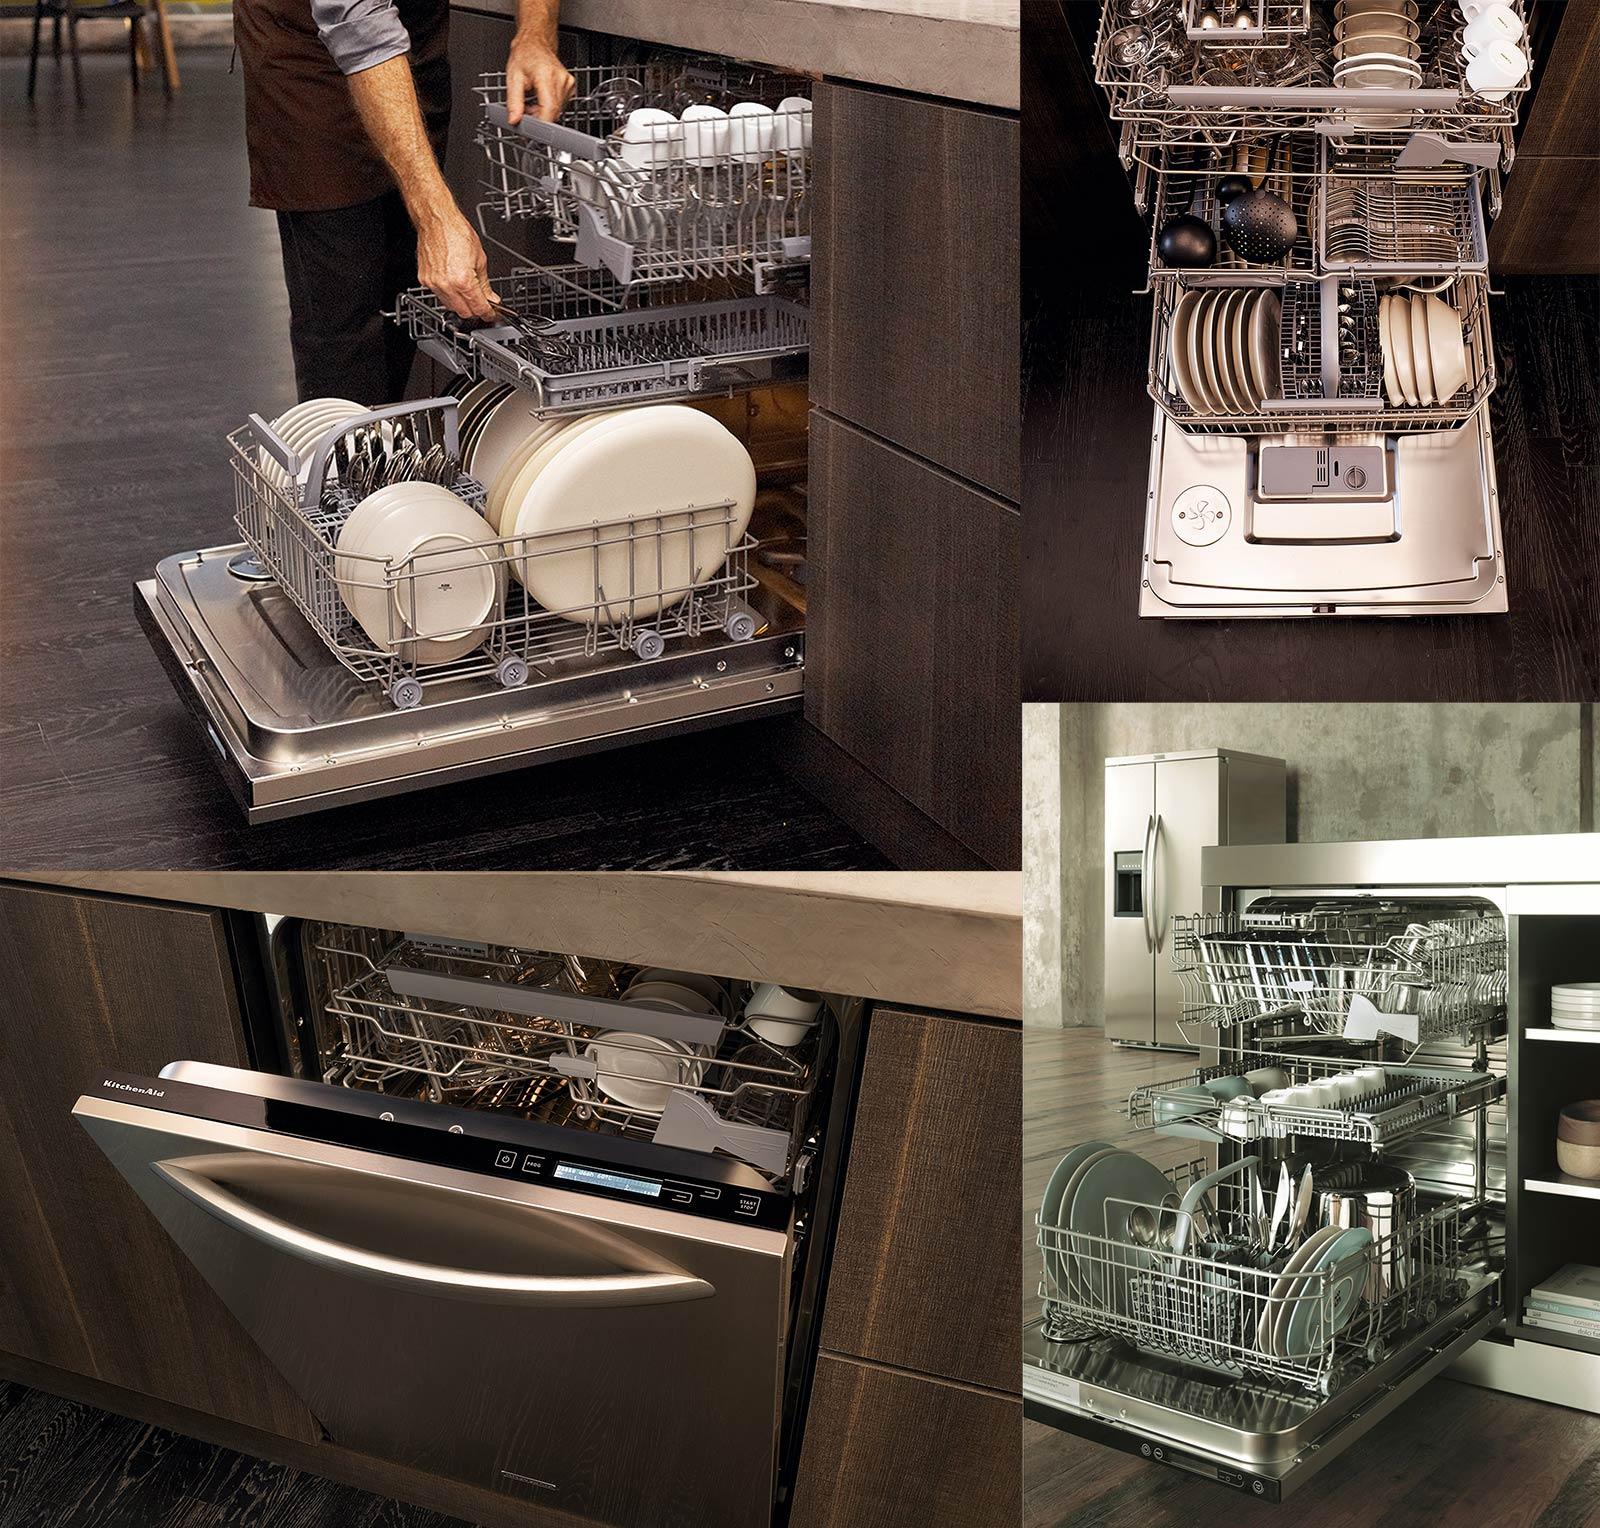 Il mondo della lavastoviglie  Lavastoviglie Utile e